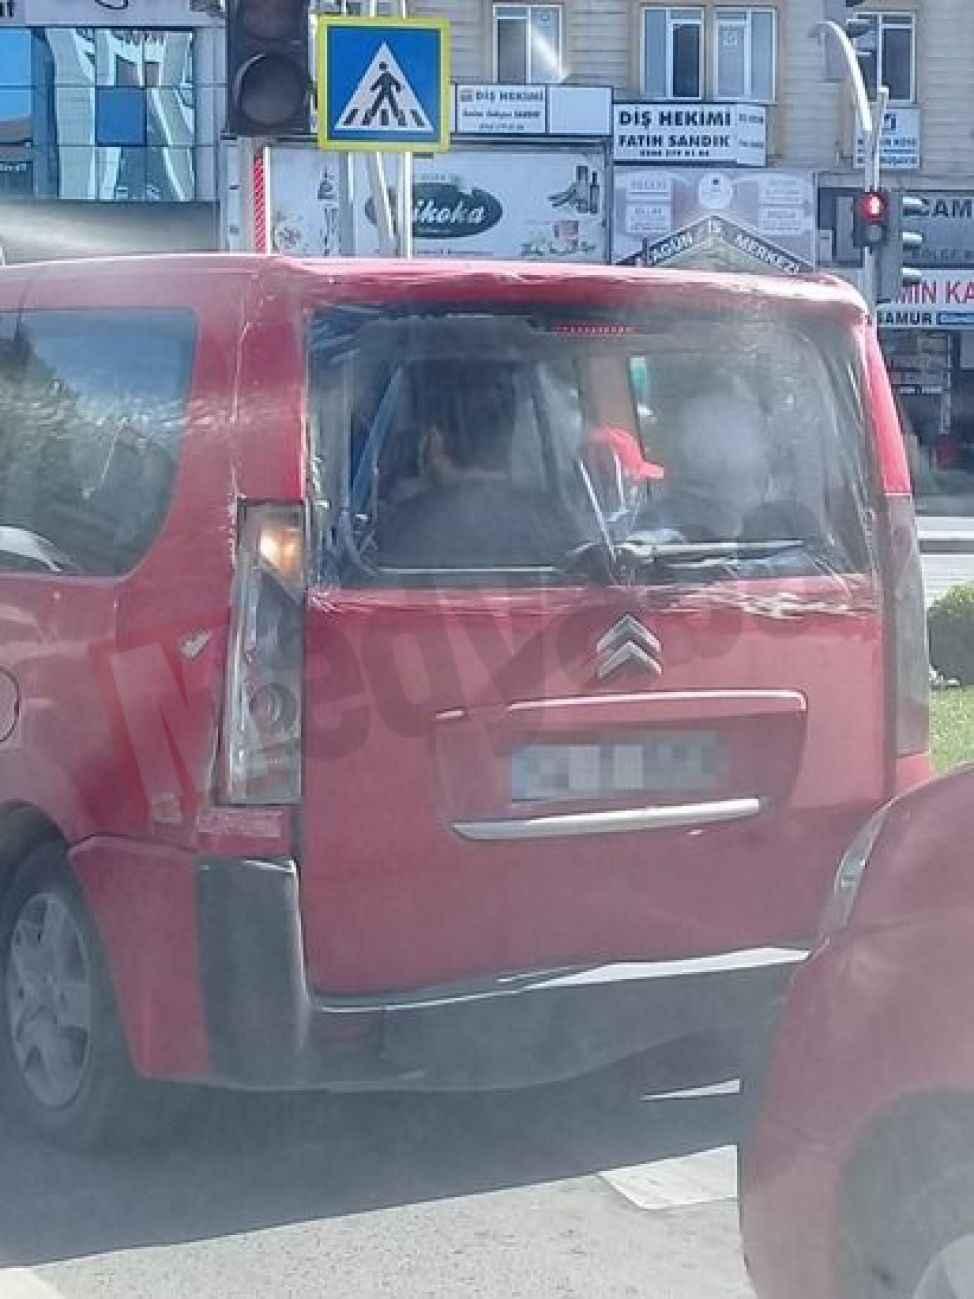 Trafikte görenler çok şaşırdı… Hem kazalı hem camı yok